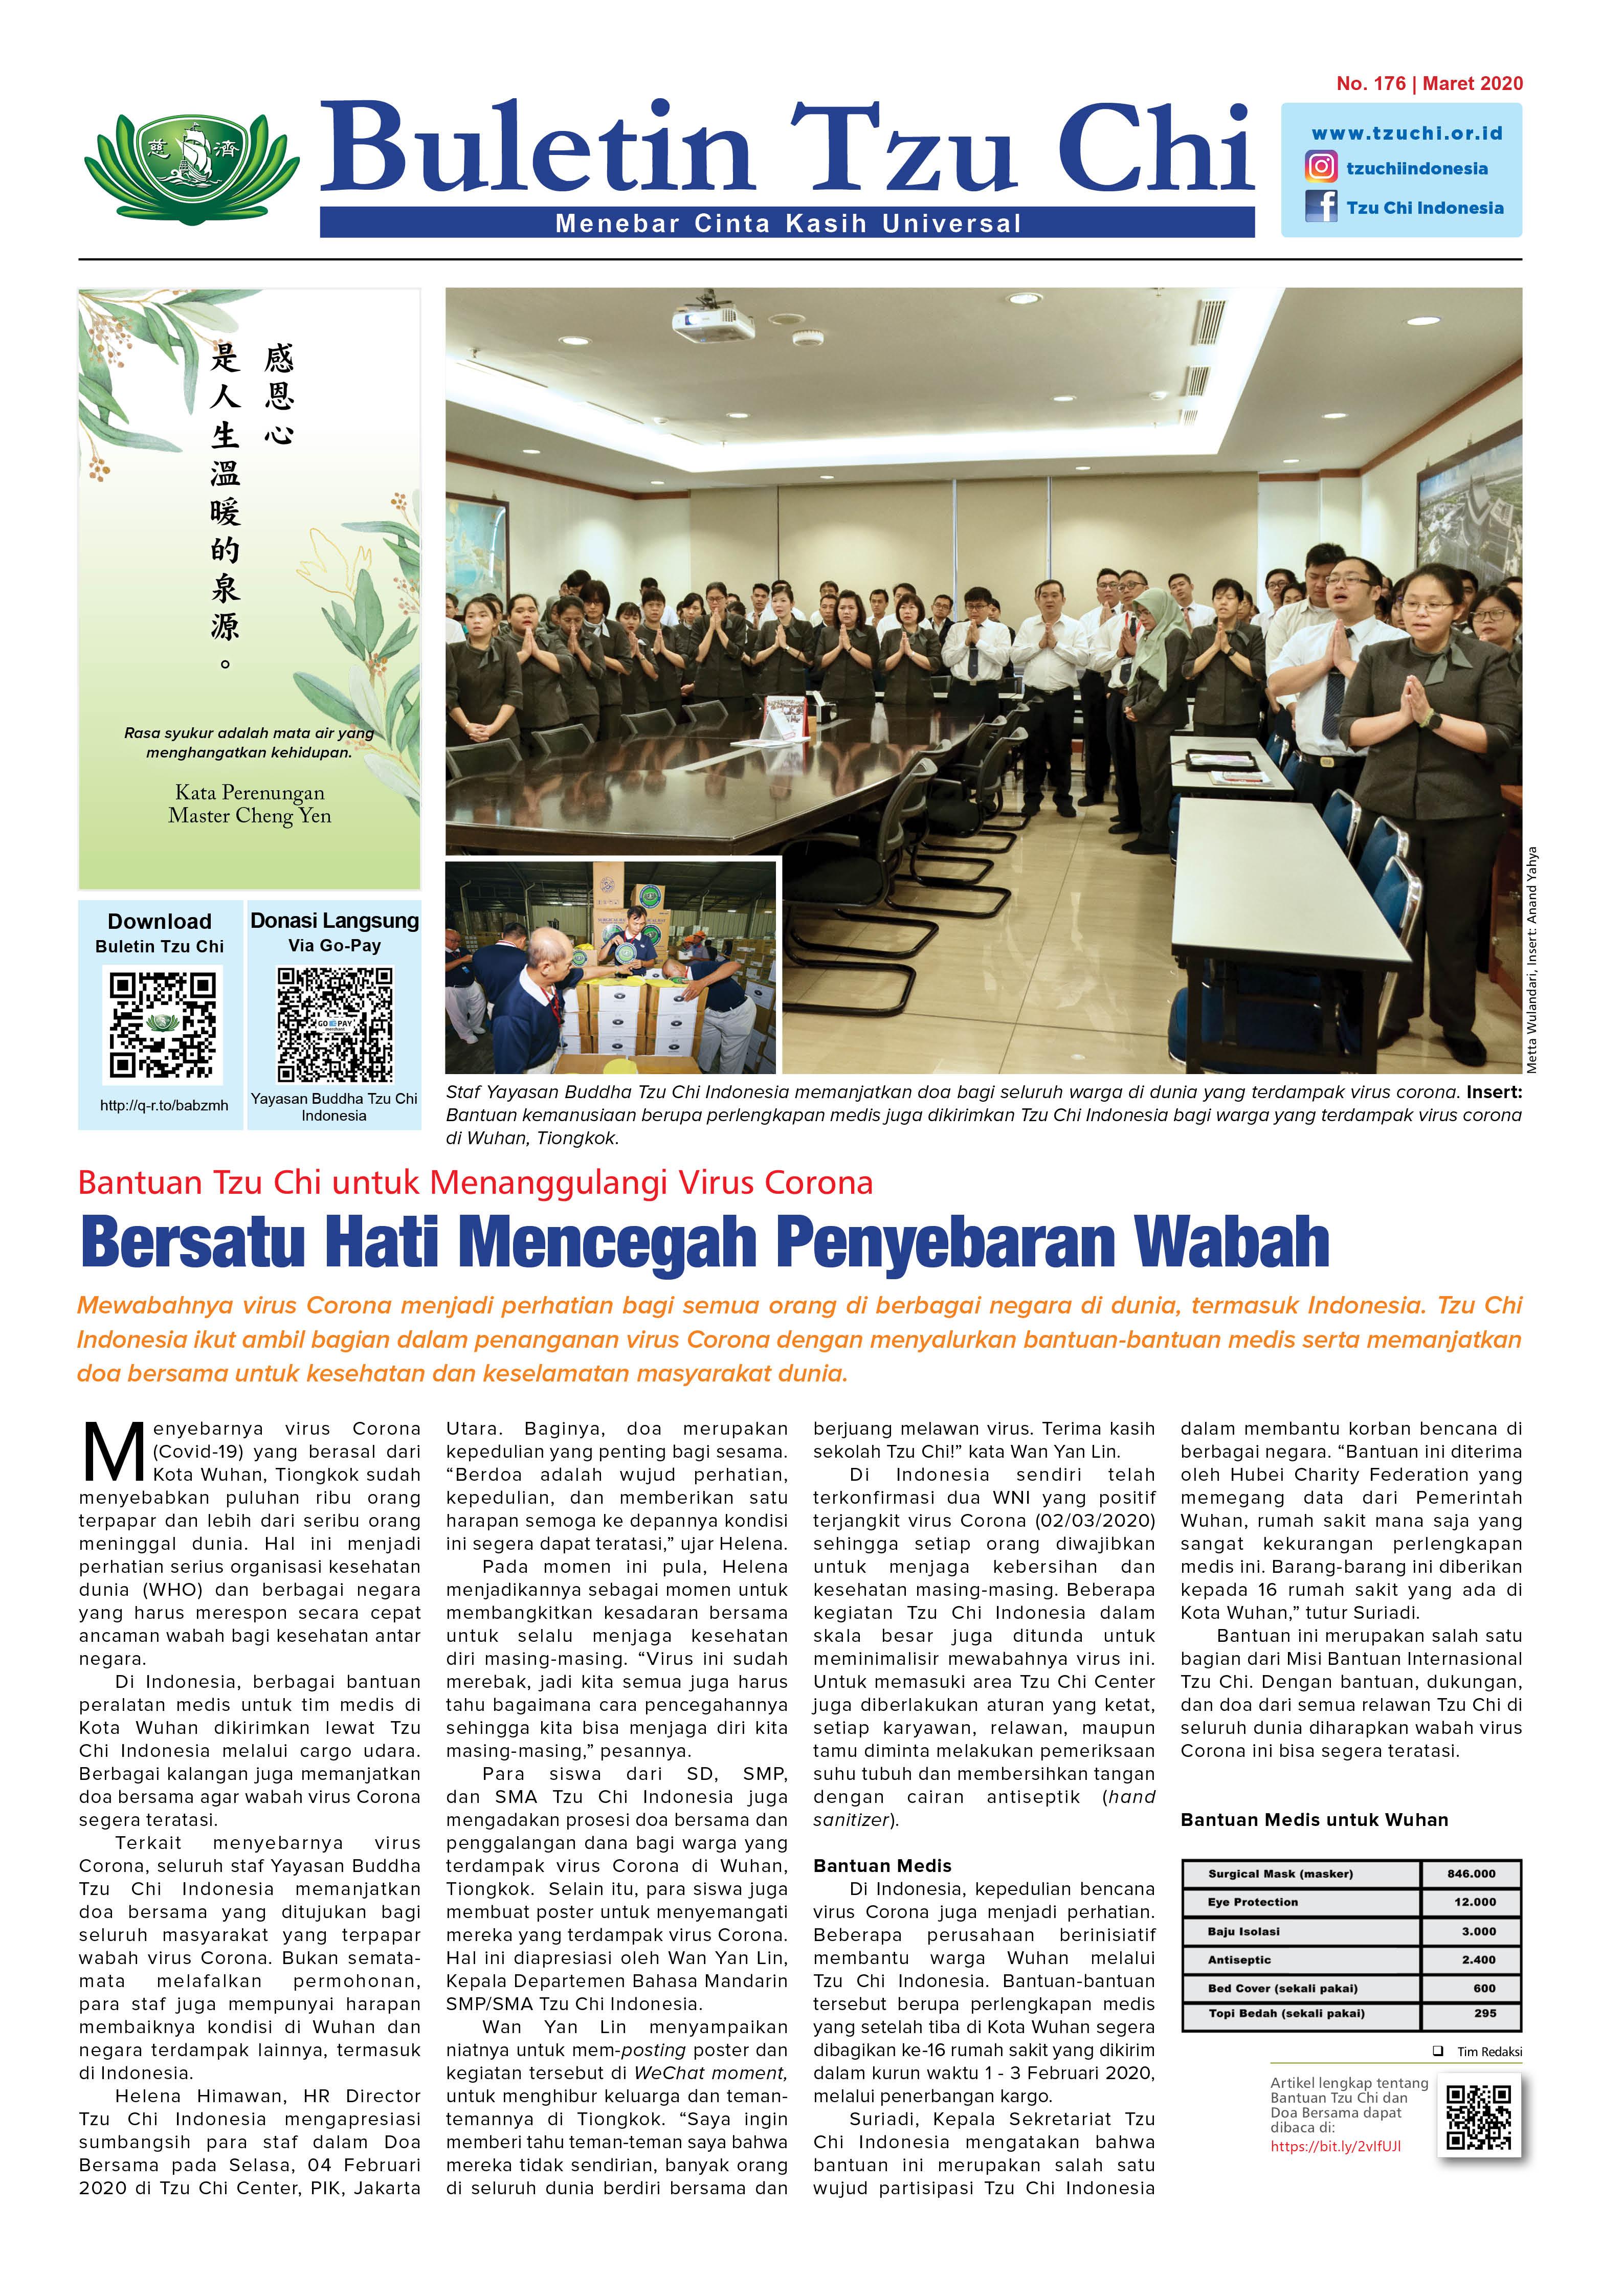 Buletin Edisi 176 Maret 2020